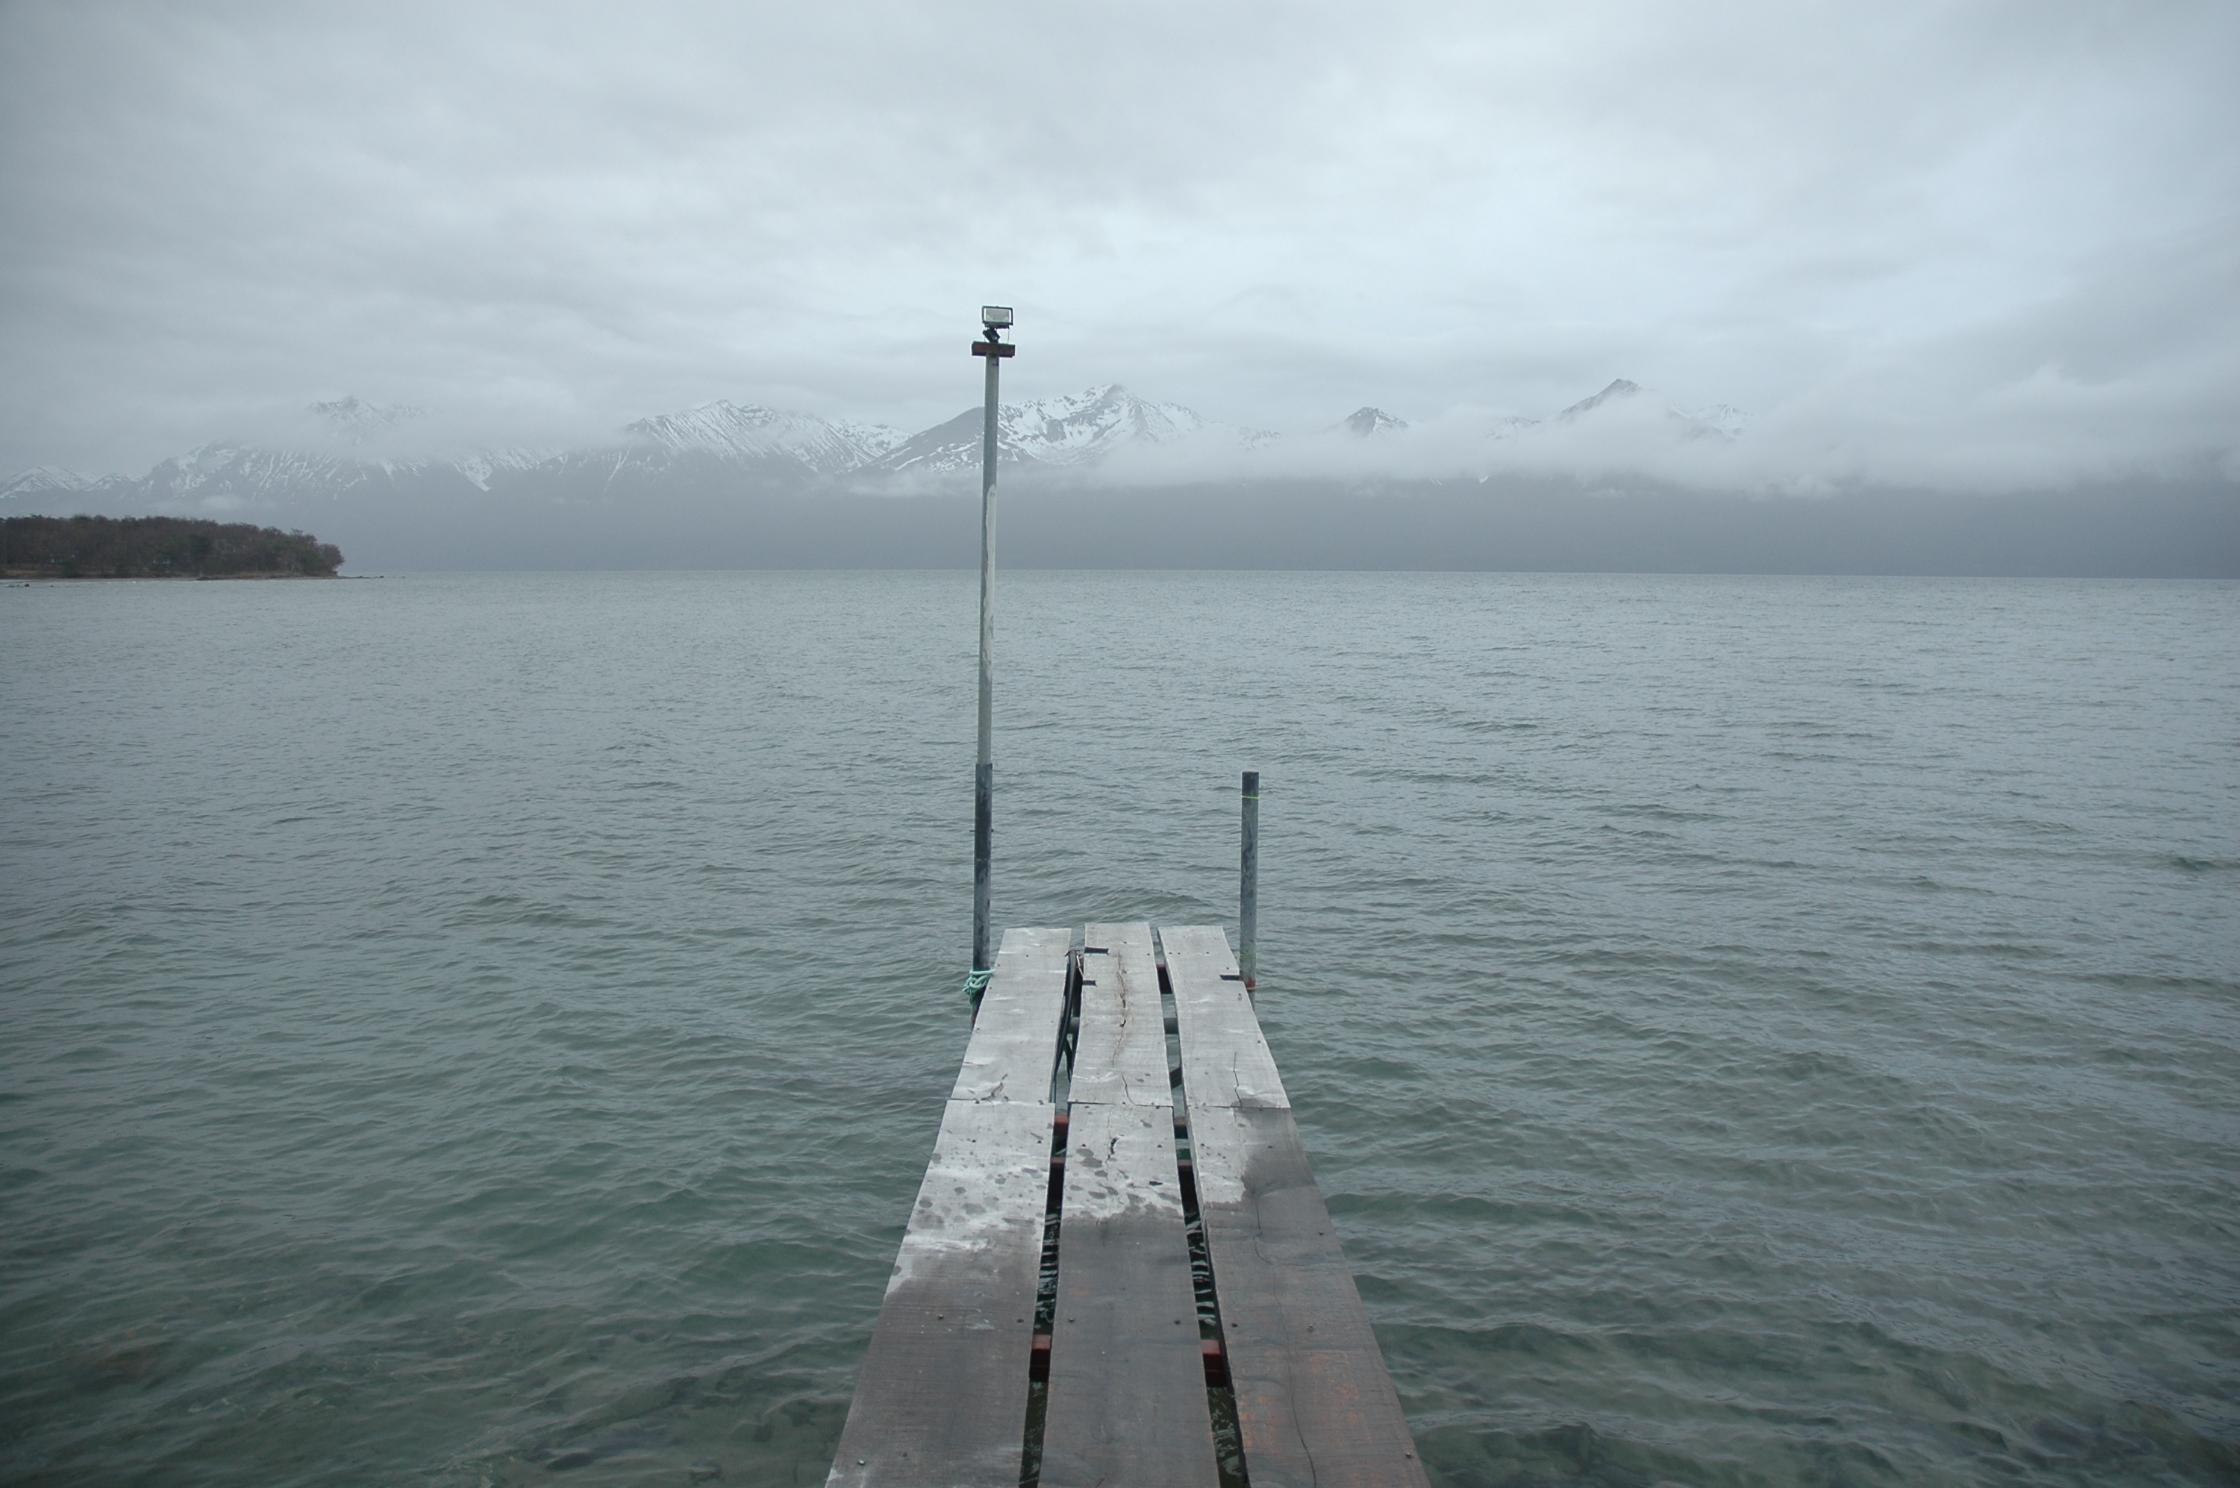 Cuando llueve o baja la niebla, el lago parece infinito.